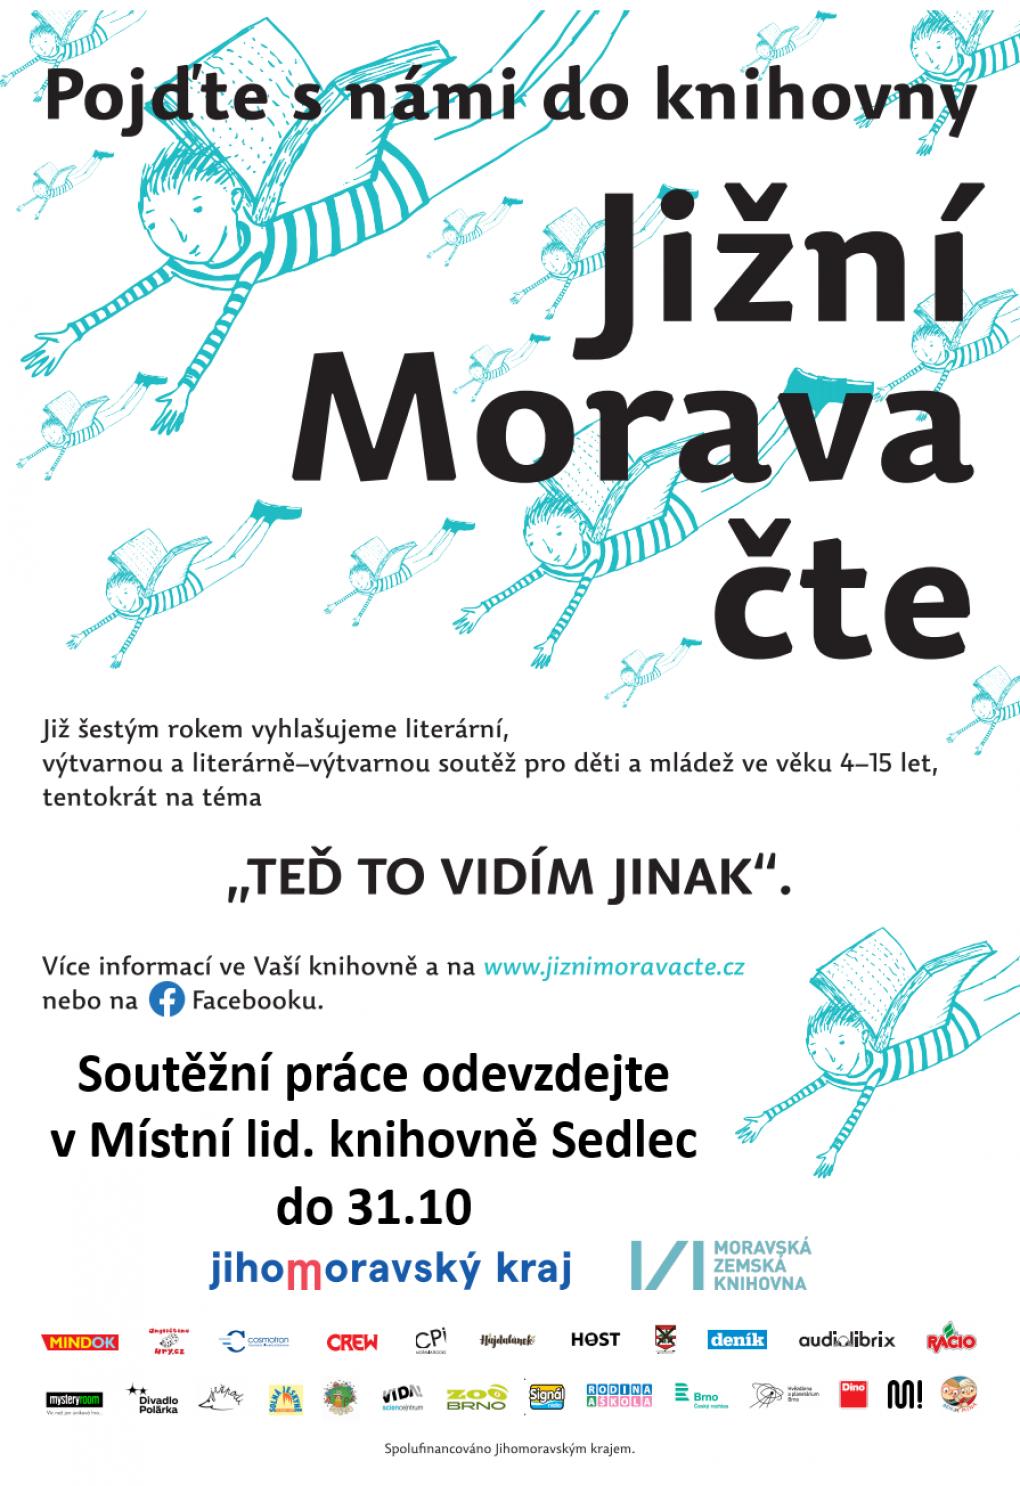 jizni_morava_cte_2021_plakat.png